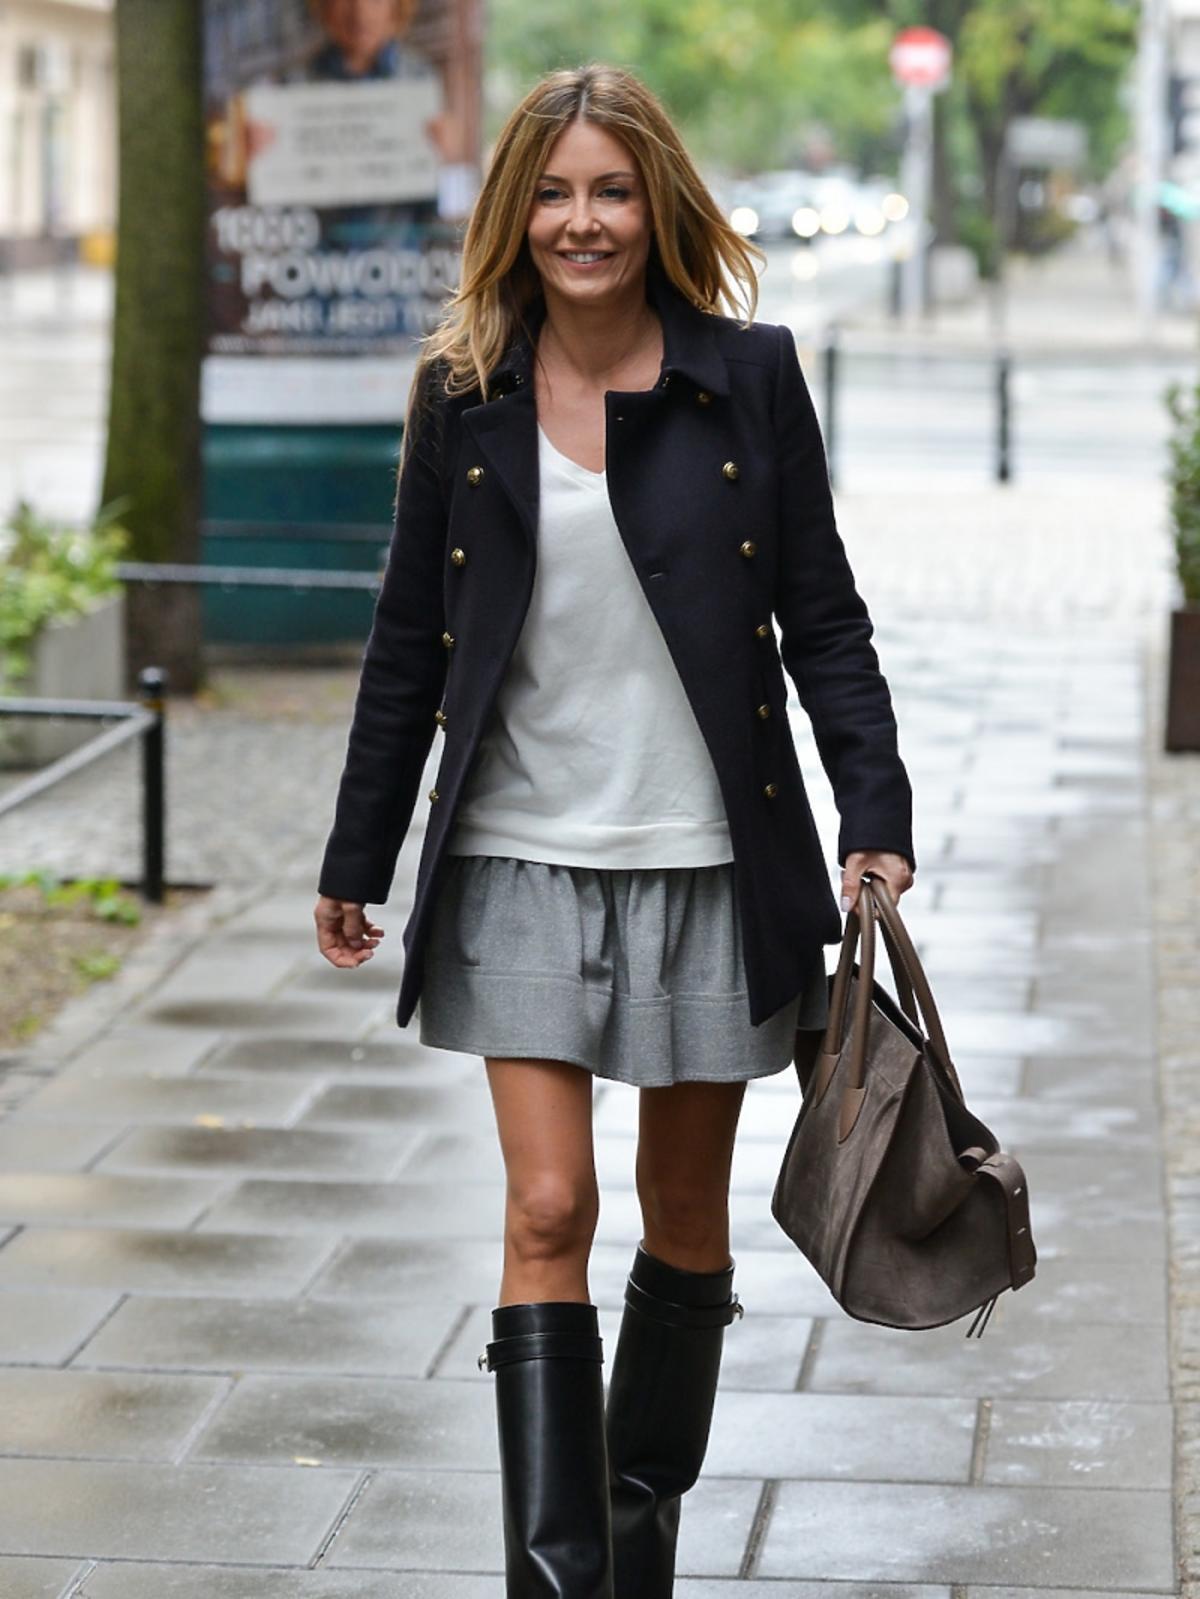 Rozenek w szarej spódniczce, białej bluzce, czarnym krótkim płaszczy ze srebrnymi guzikami, czarnych kozakach, z beżową torbą do ręki